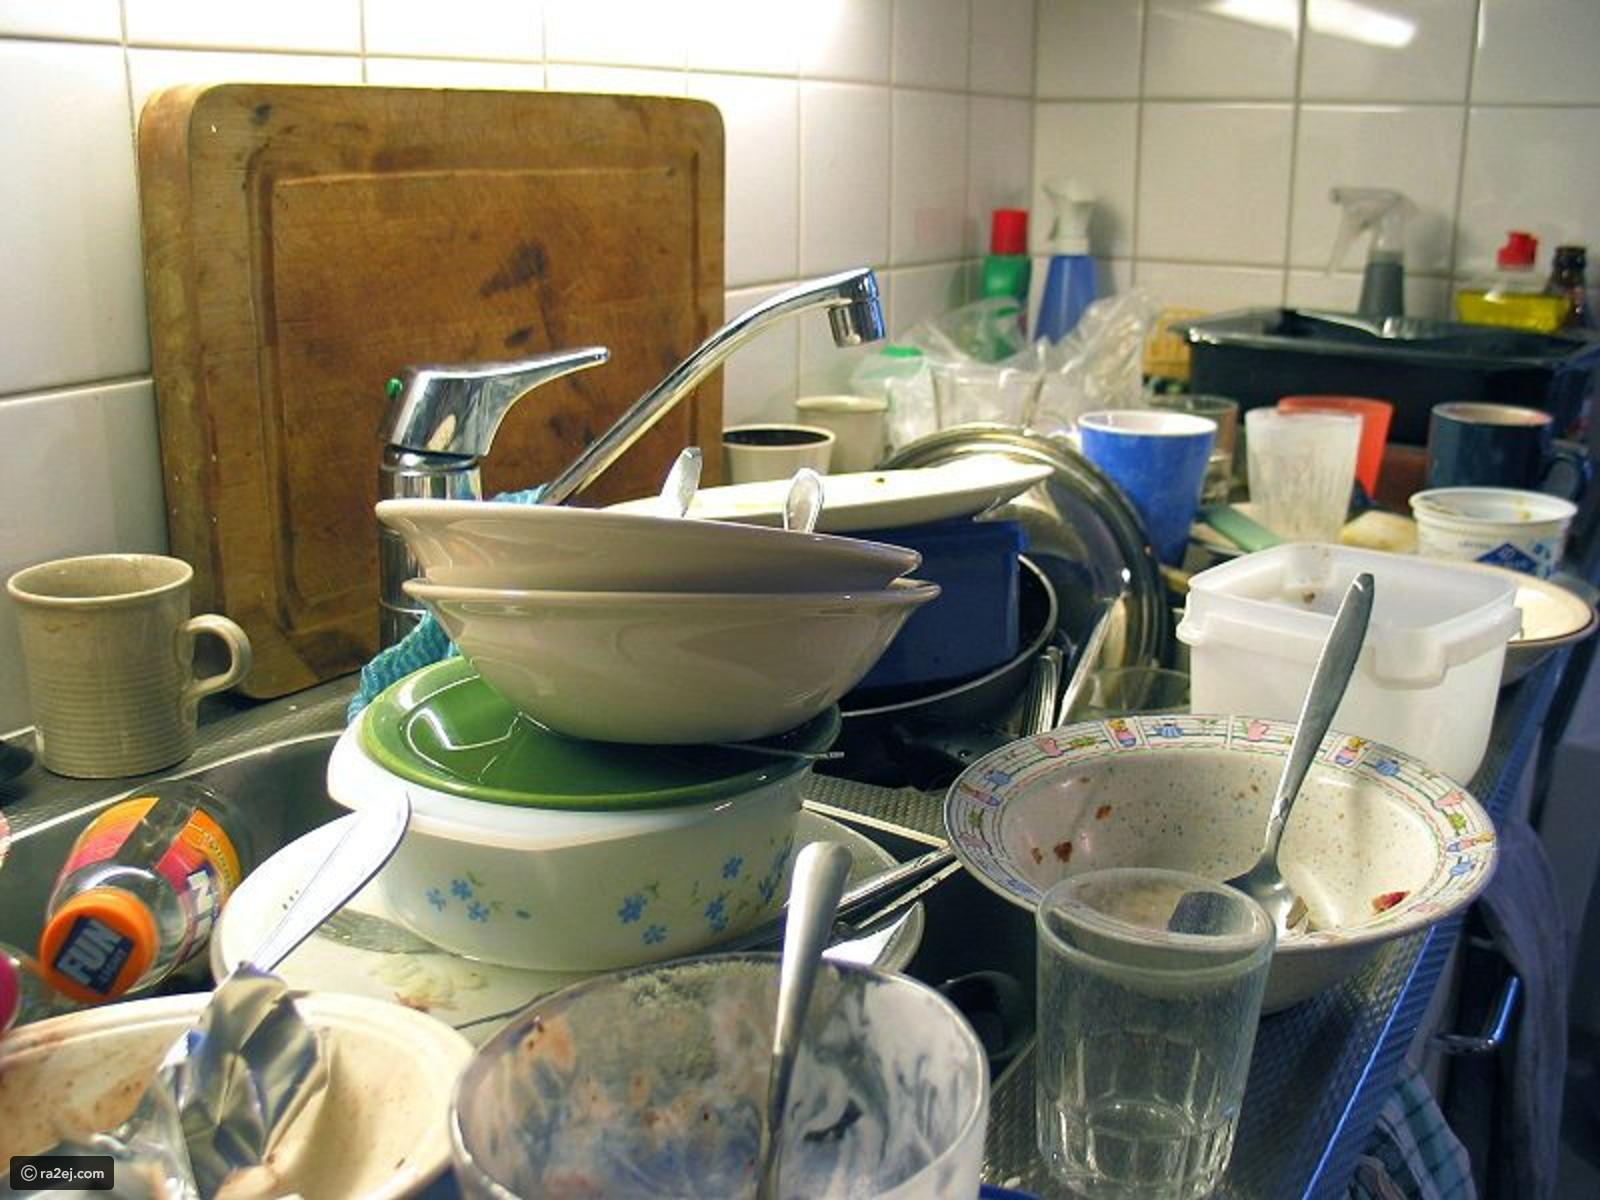 صور تفسير رؤية المطبخ في المنام , تعريف وتفسير رؤية المطبخ في المنام